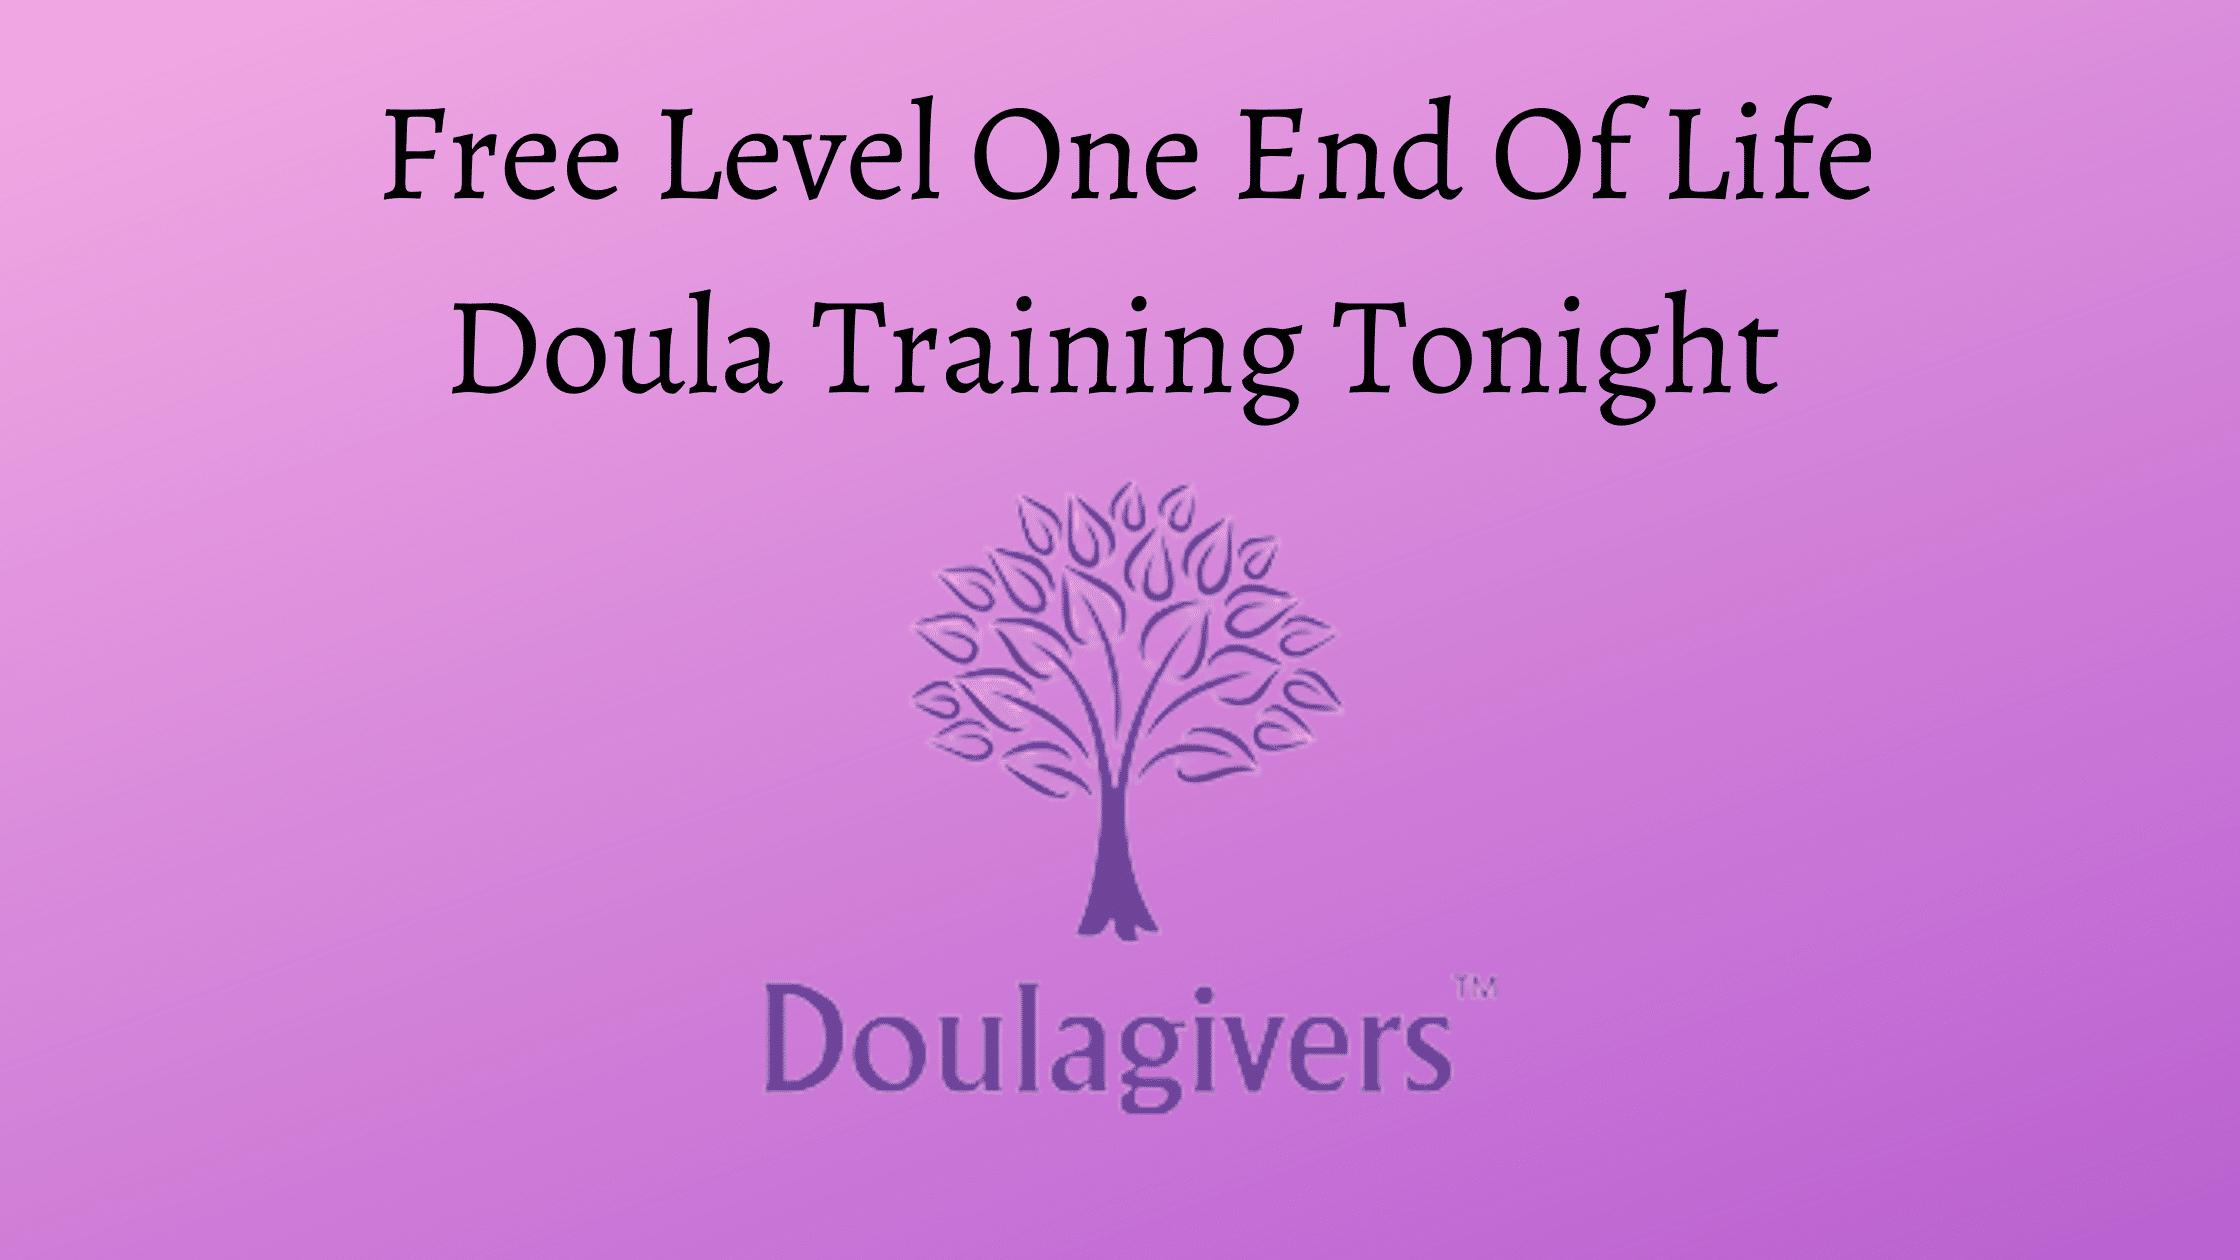 Free Level One End Of Life Doula Training Tonight